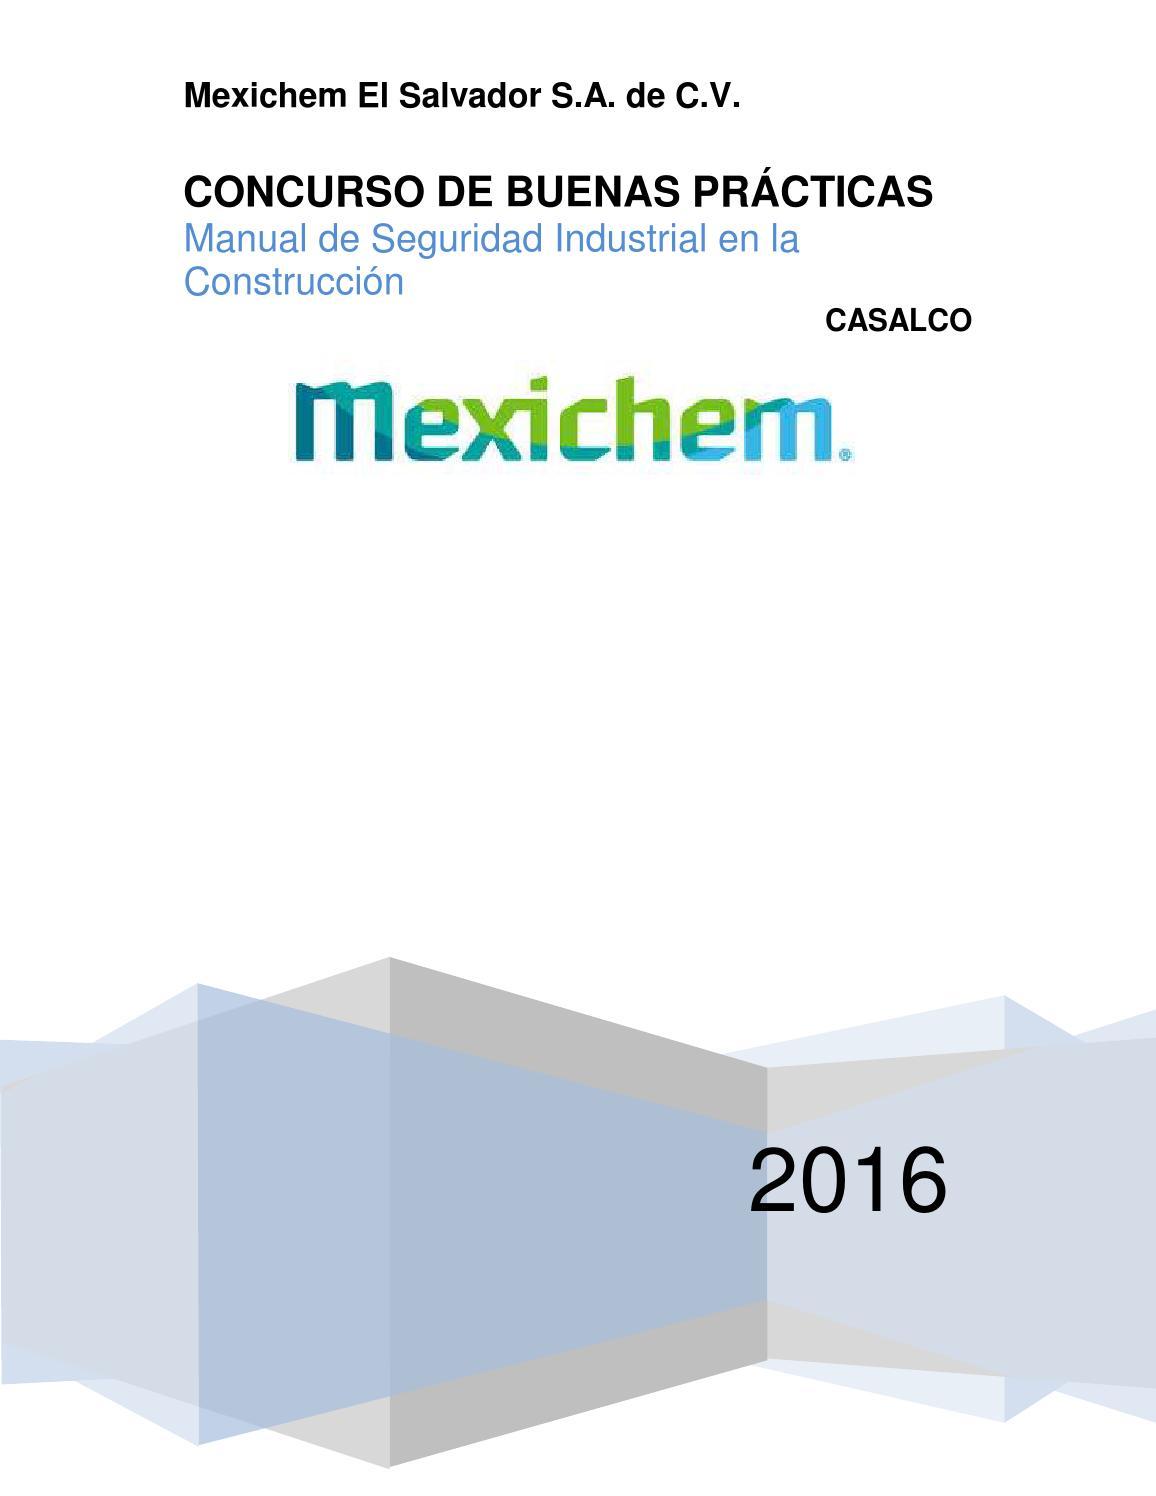 AMANCO-MEXICHEM Manual de Seguridad en la Construcción 2016